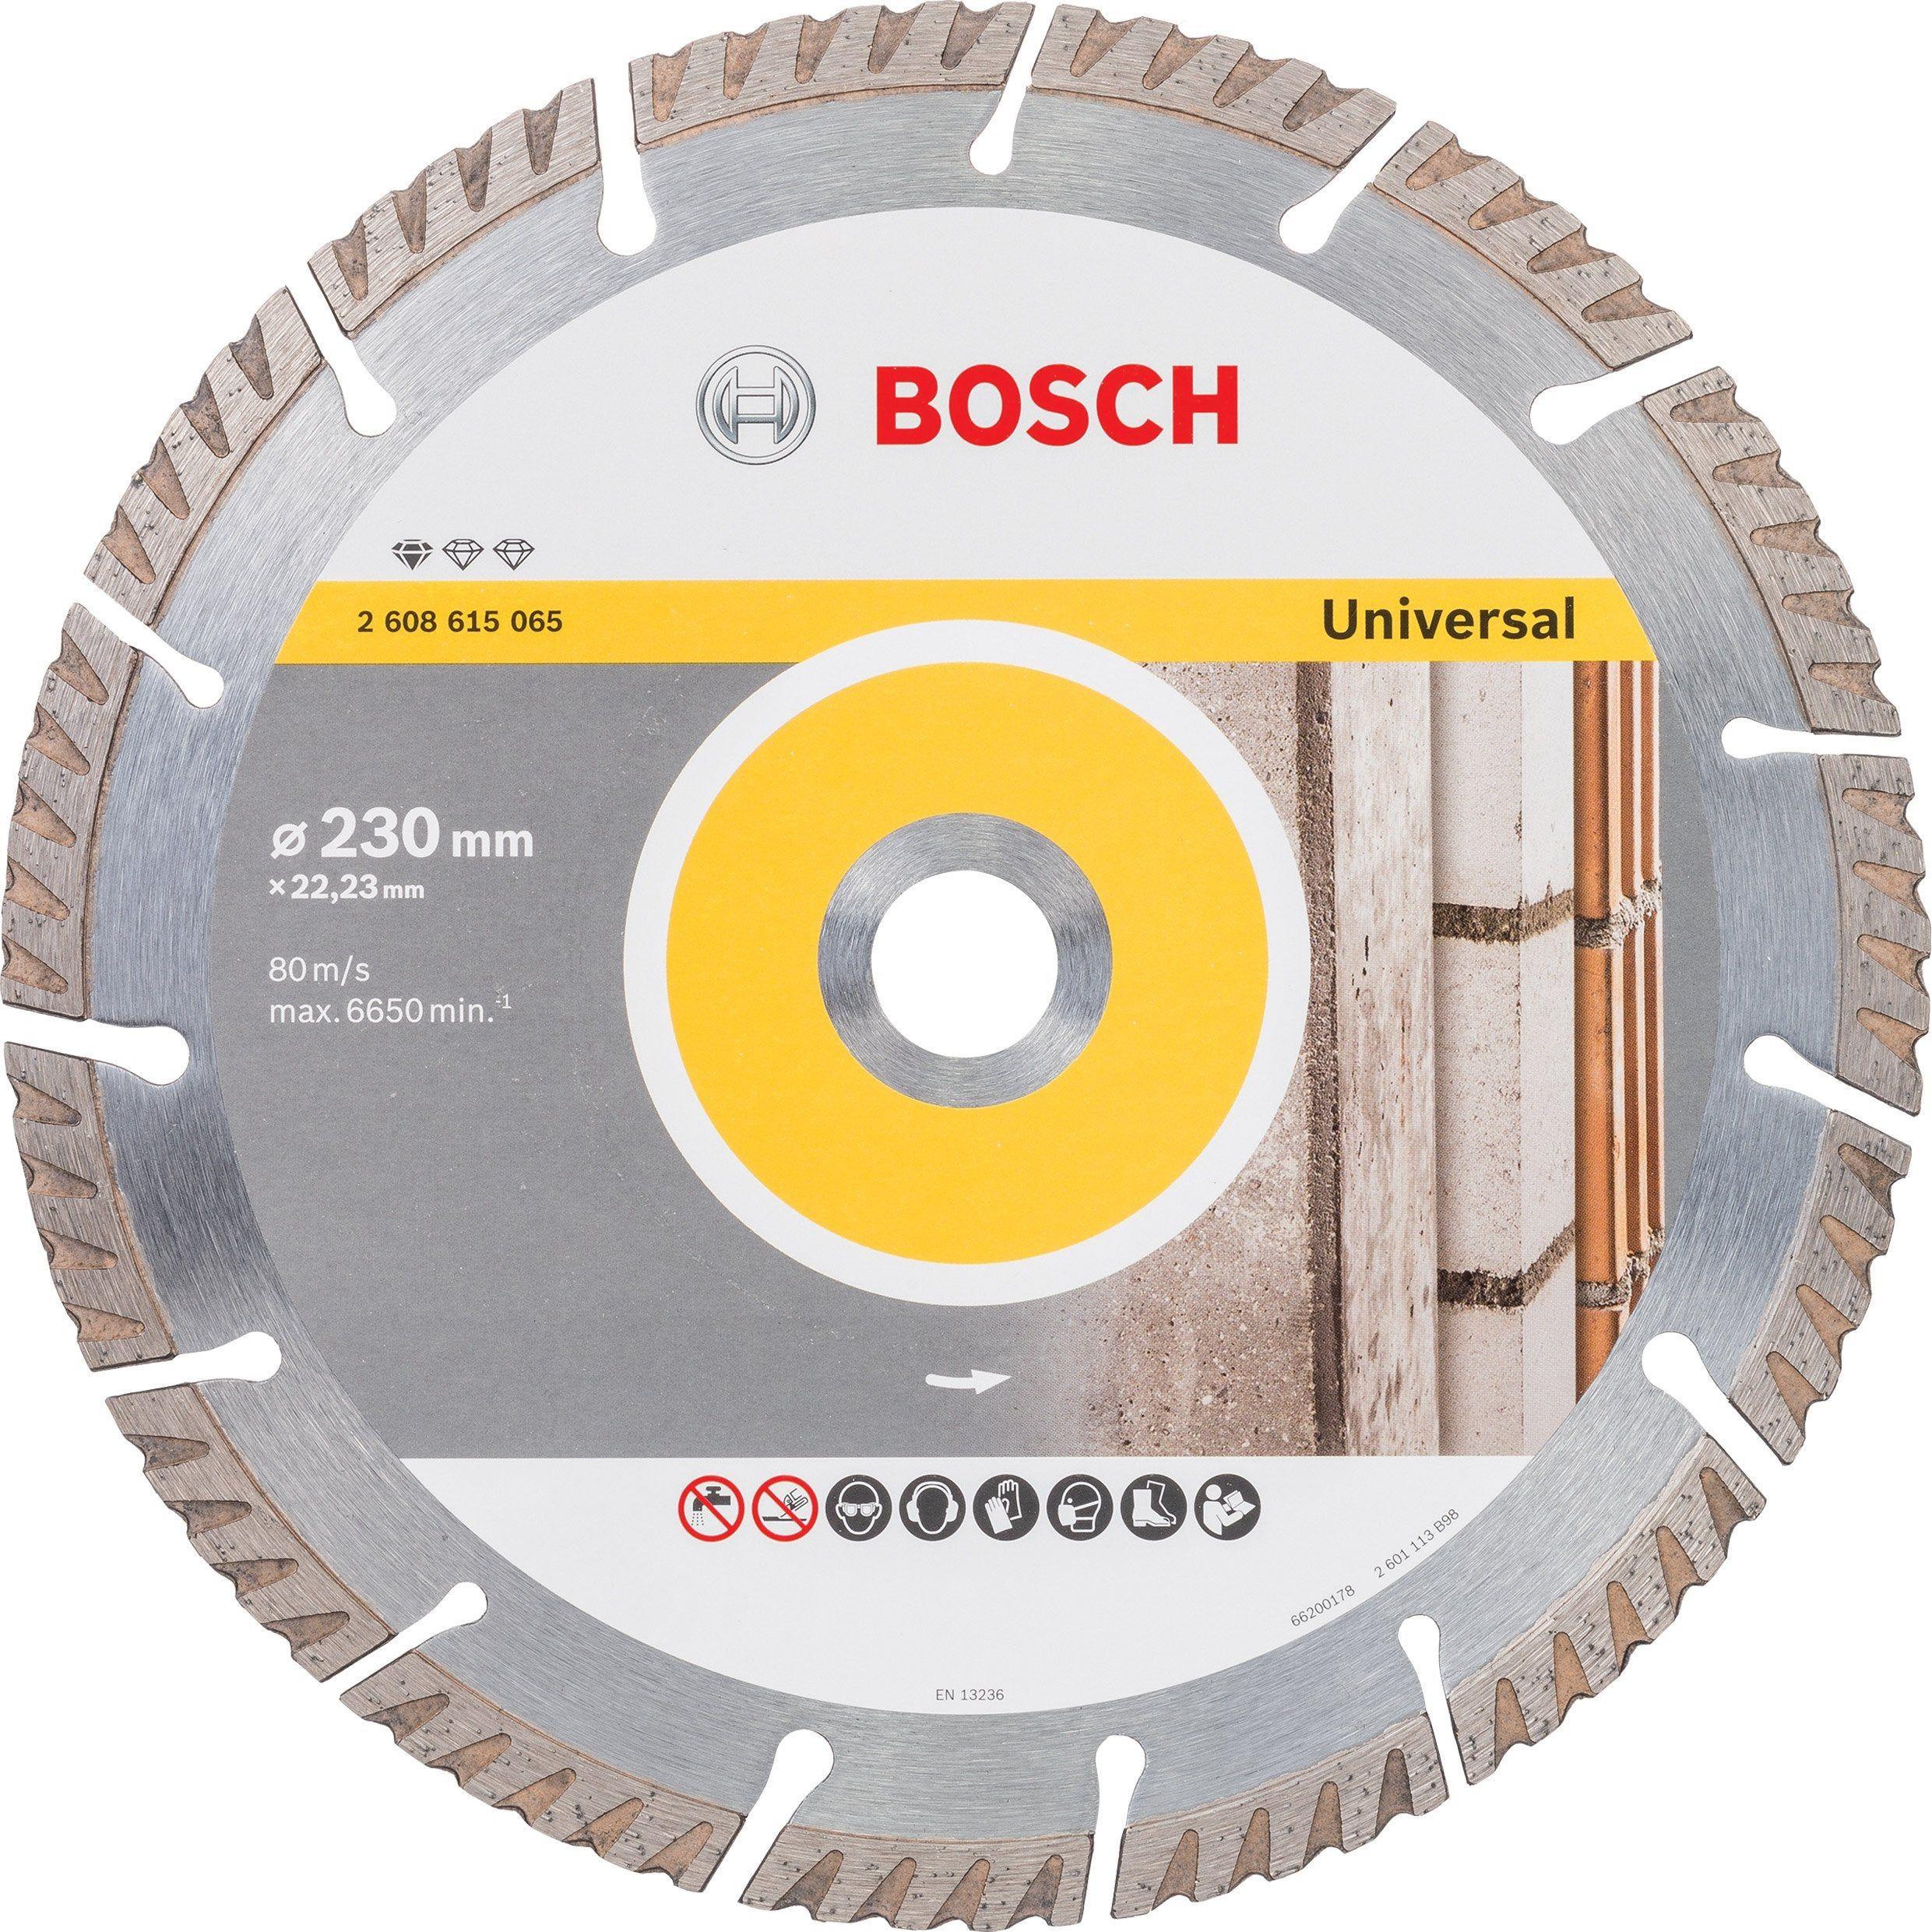 Disque Pour Multimatiere Bosch Professional Diam 230 X 2 6 X 22 23 Mm 26086150 Diamant Disque Bosch